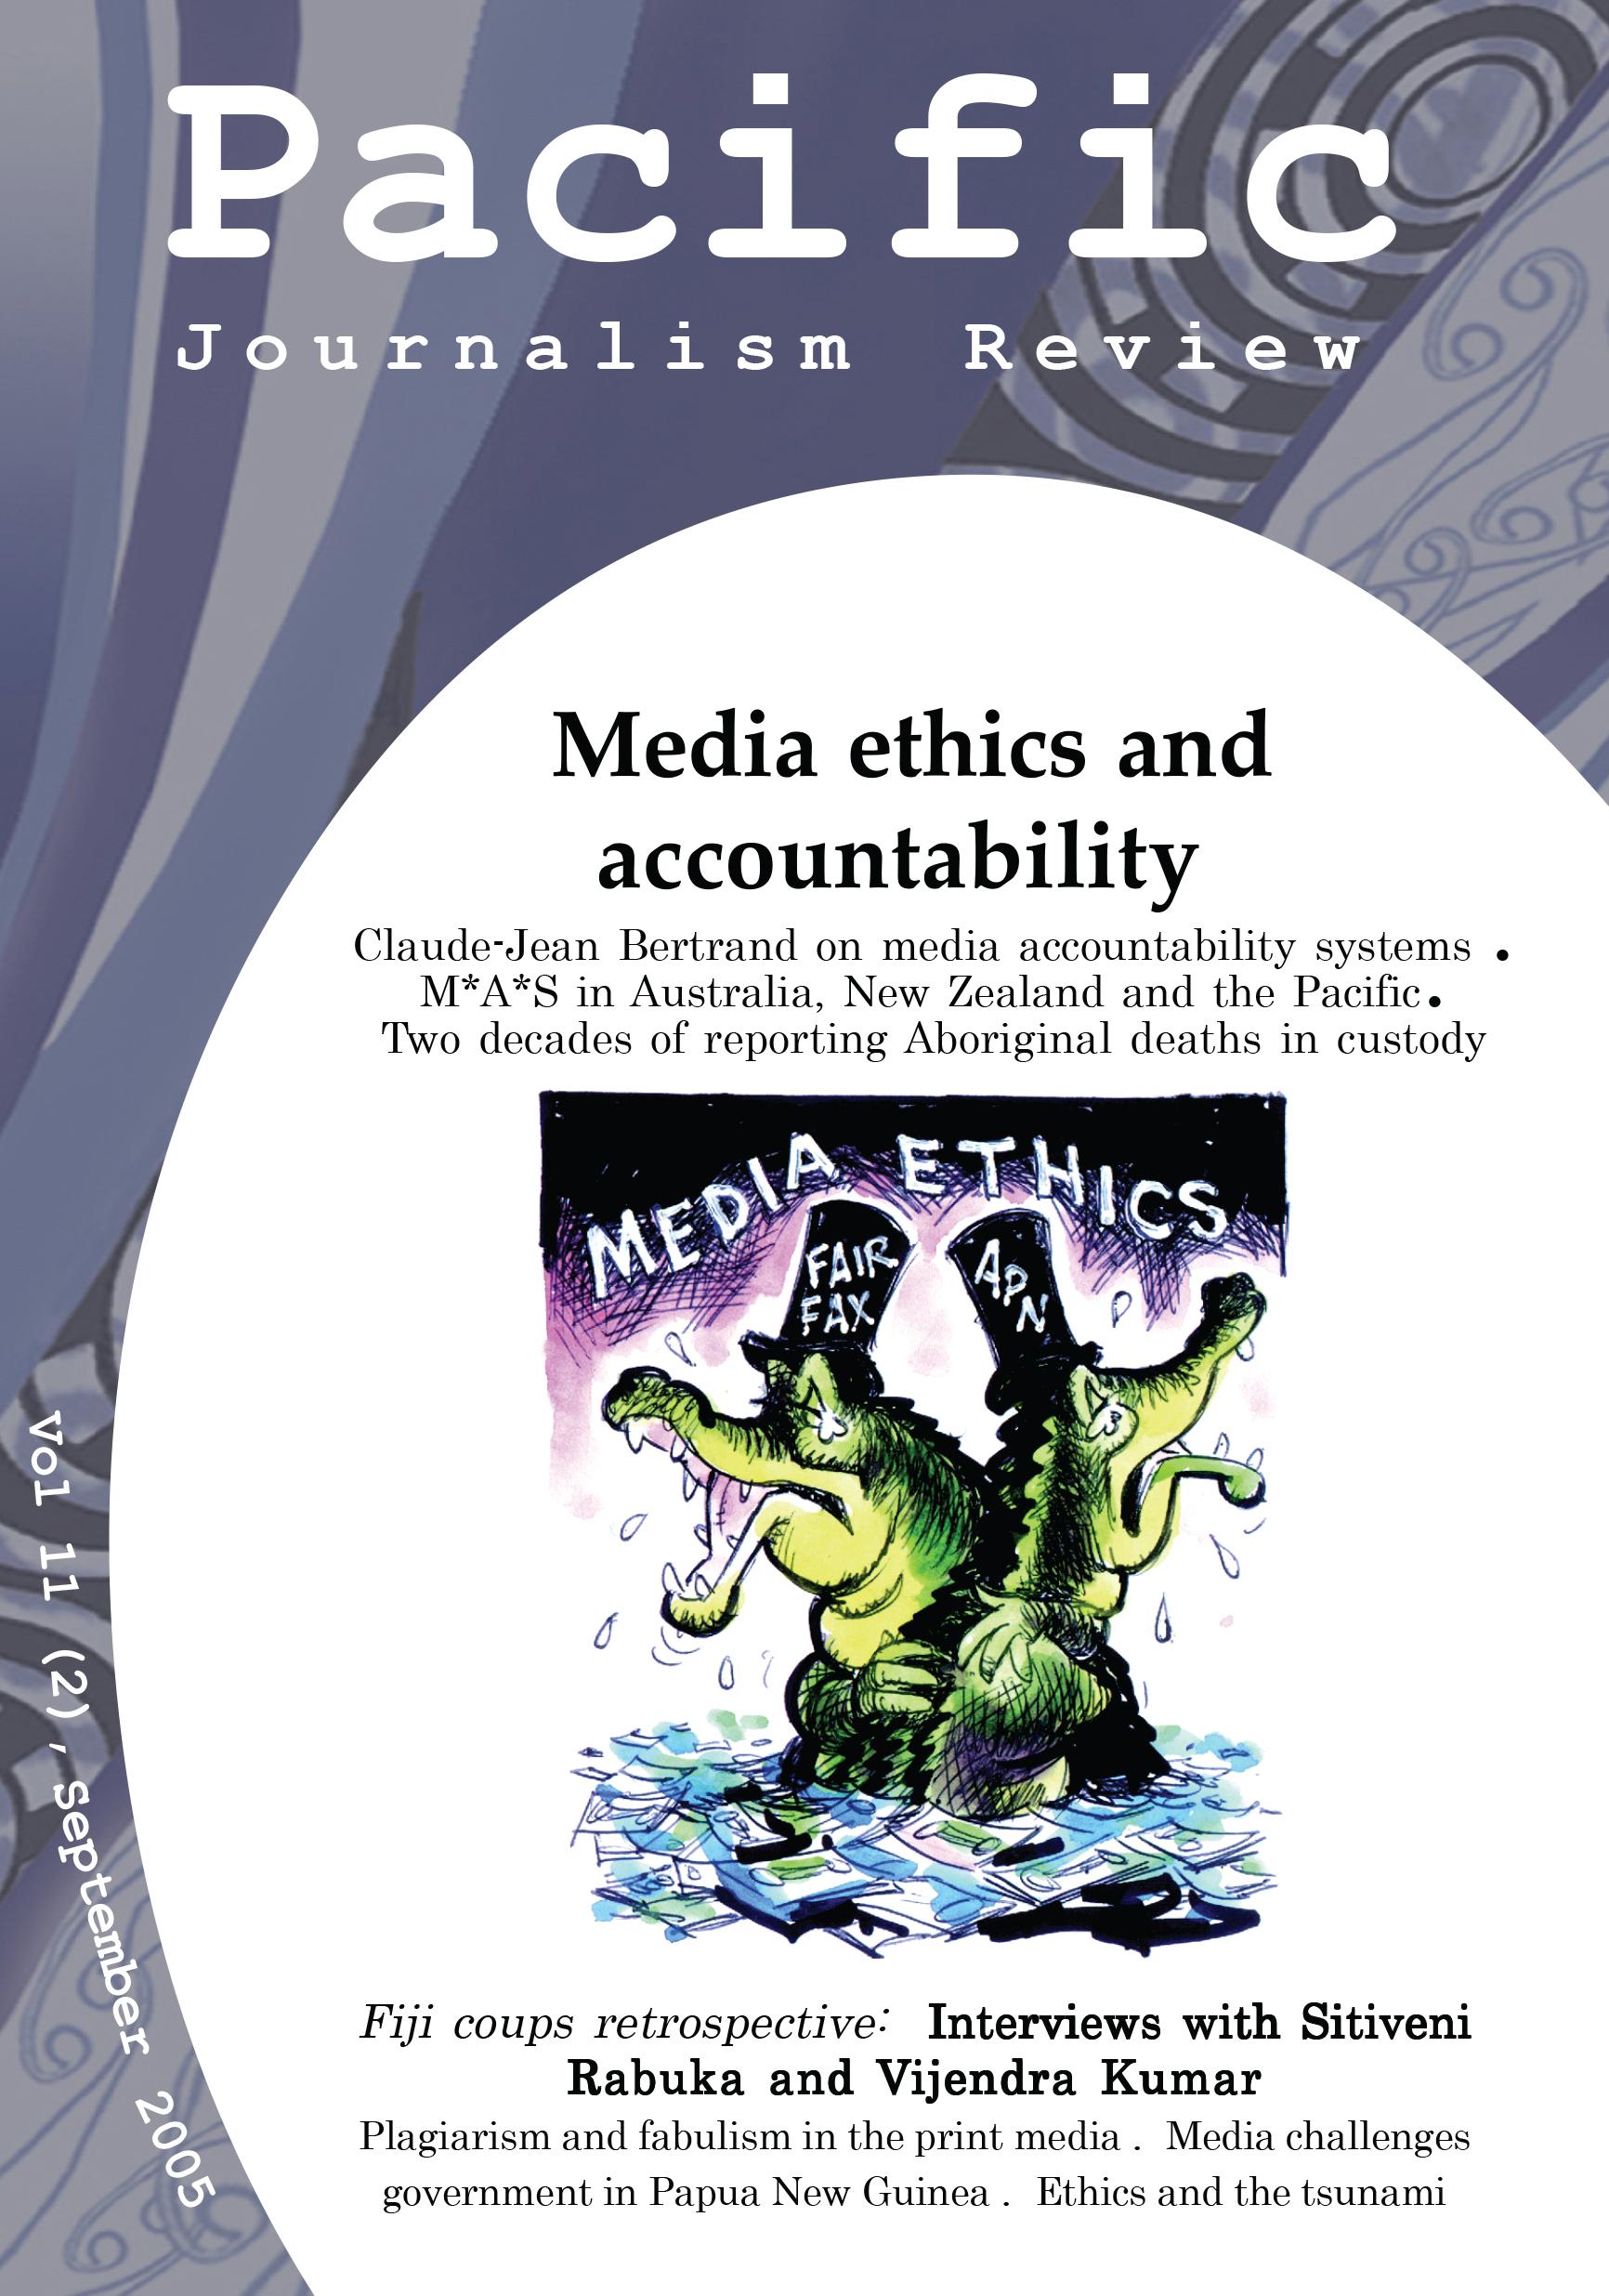 PJR cover 11(2) September 2005